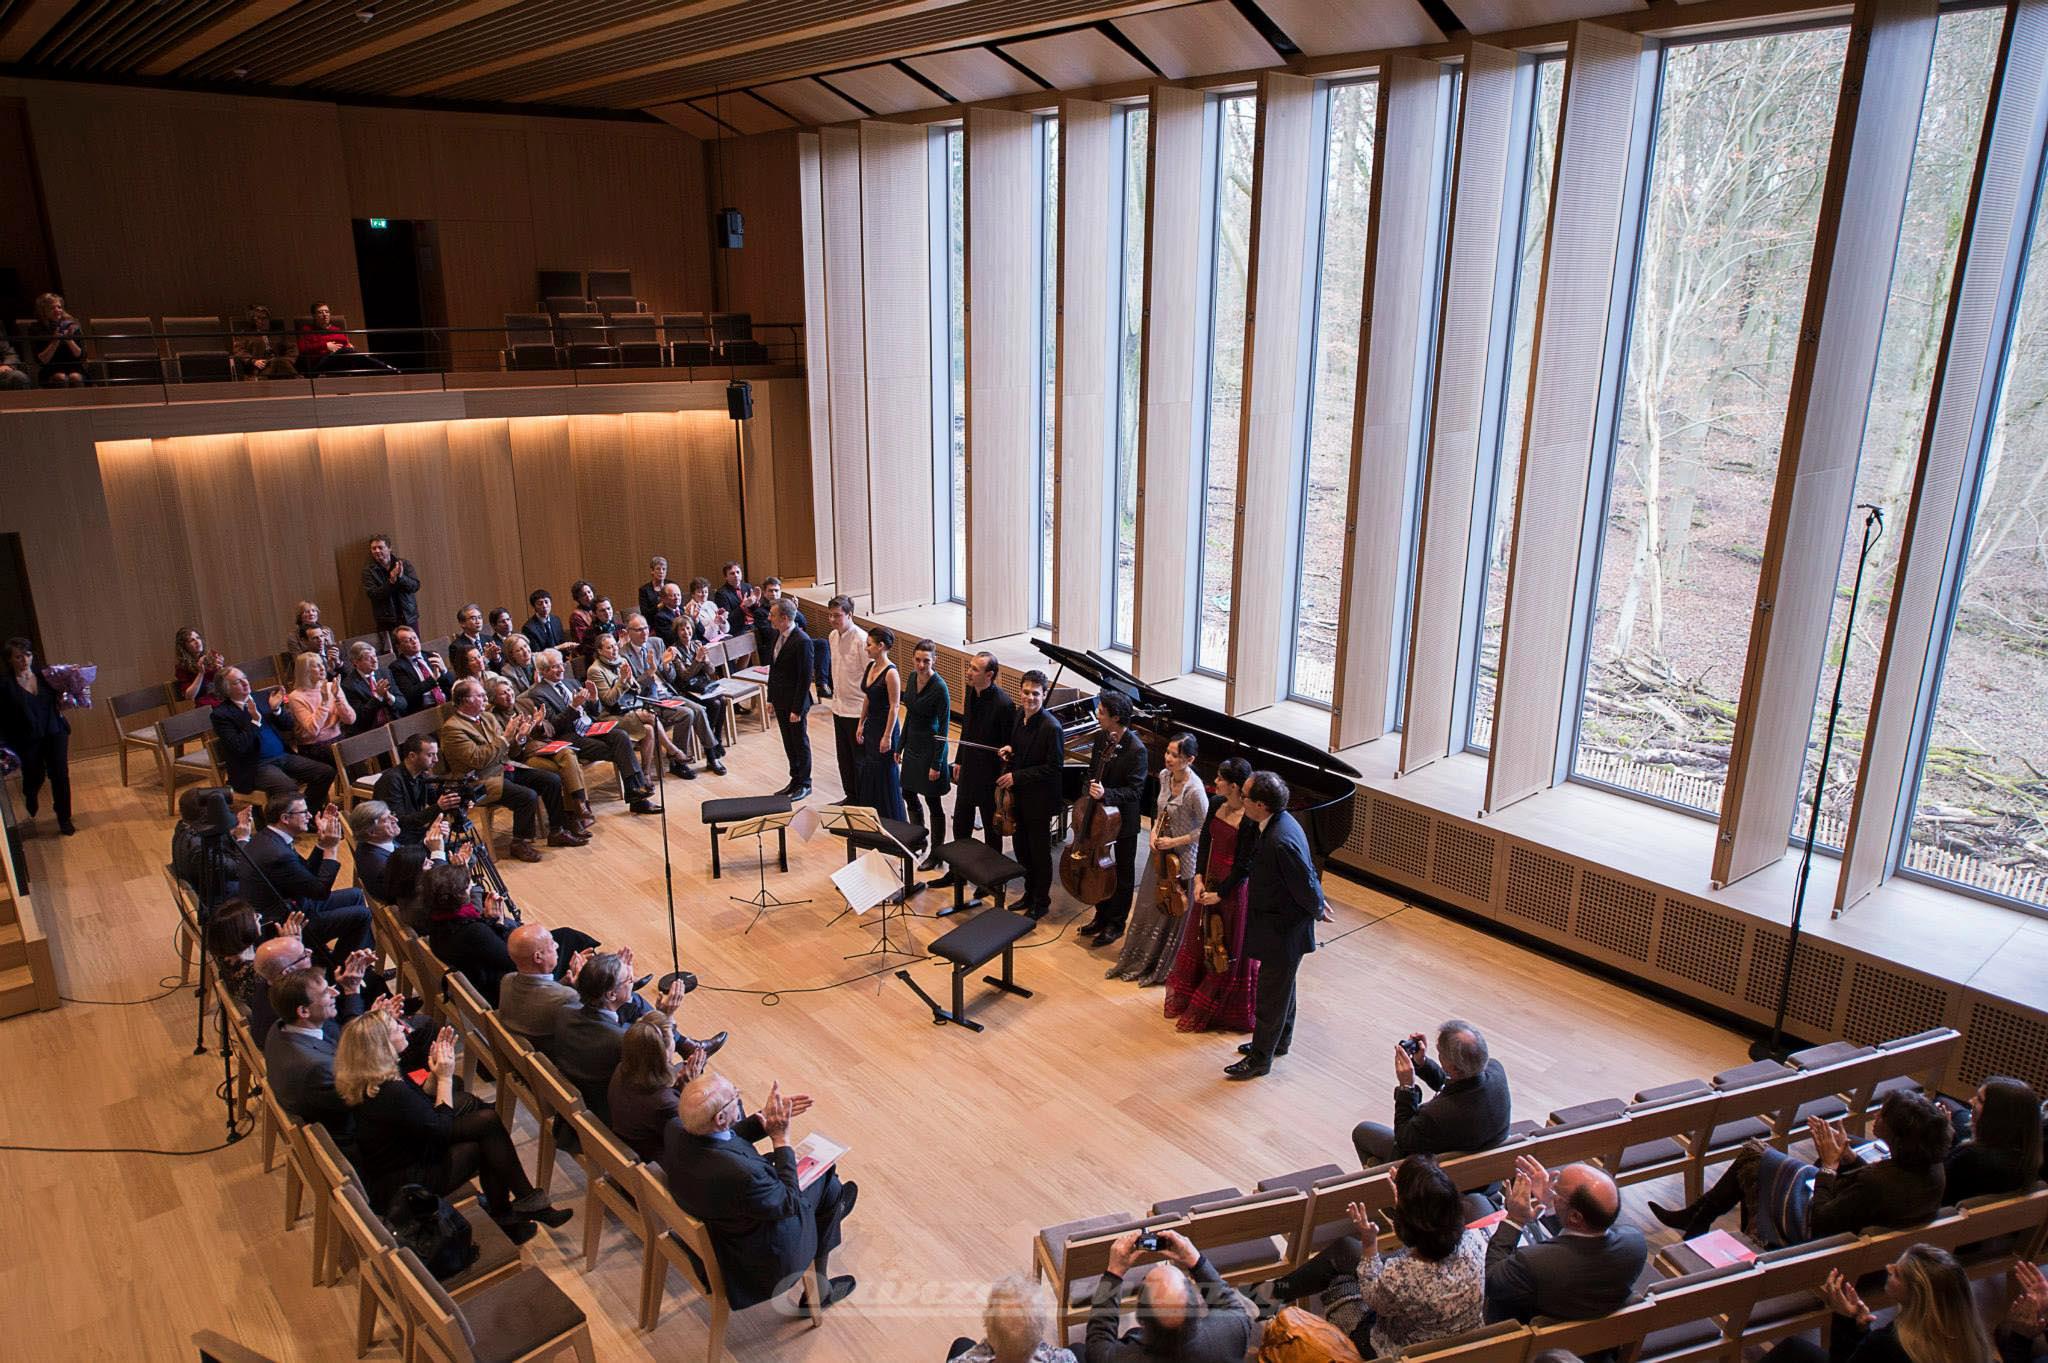 chapelle-musicale-waterloo-1-van-4